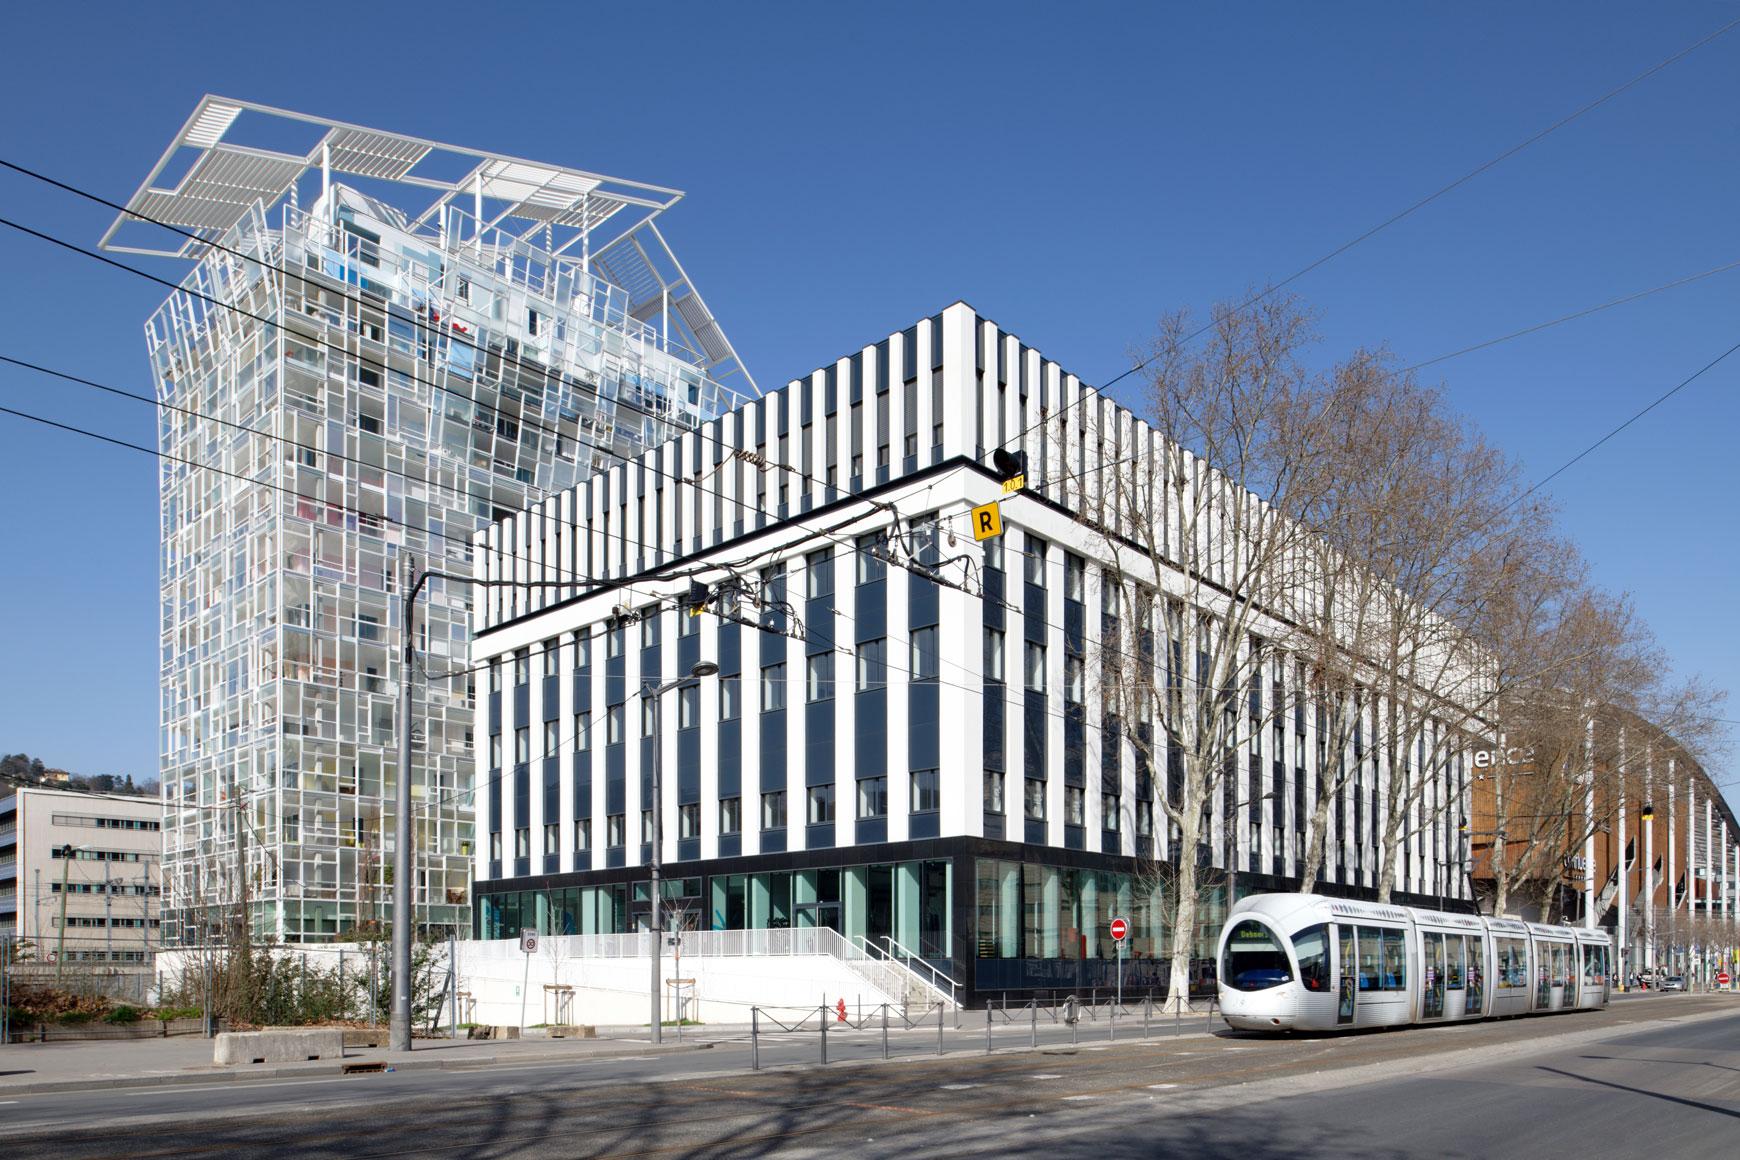 King Charles : restructuration lourde et surélévation d'un niveau d'un bâtiment de bureaux et commerces à Lyon 2e. Agence SOHO ATLAS IN FINE